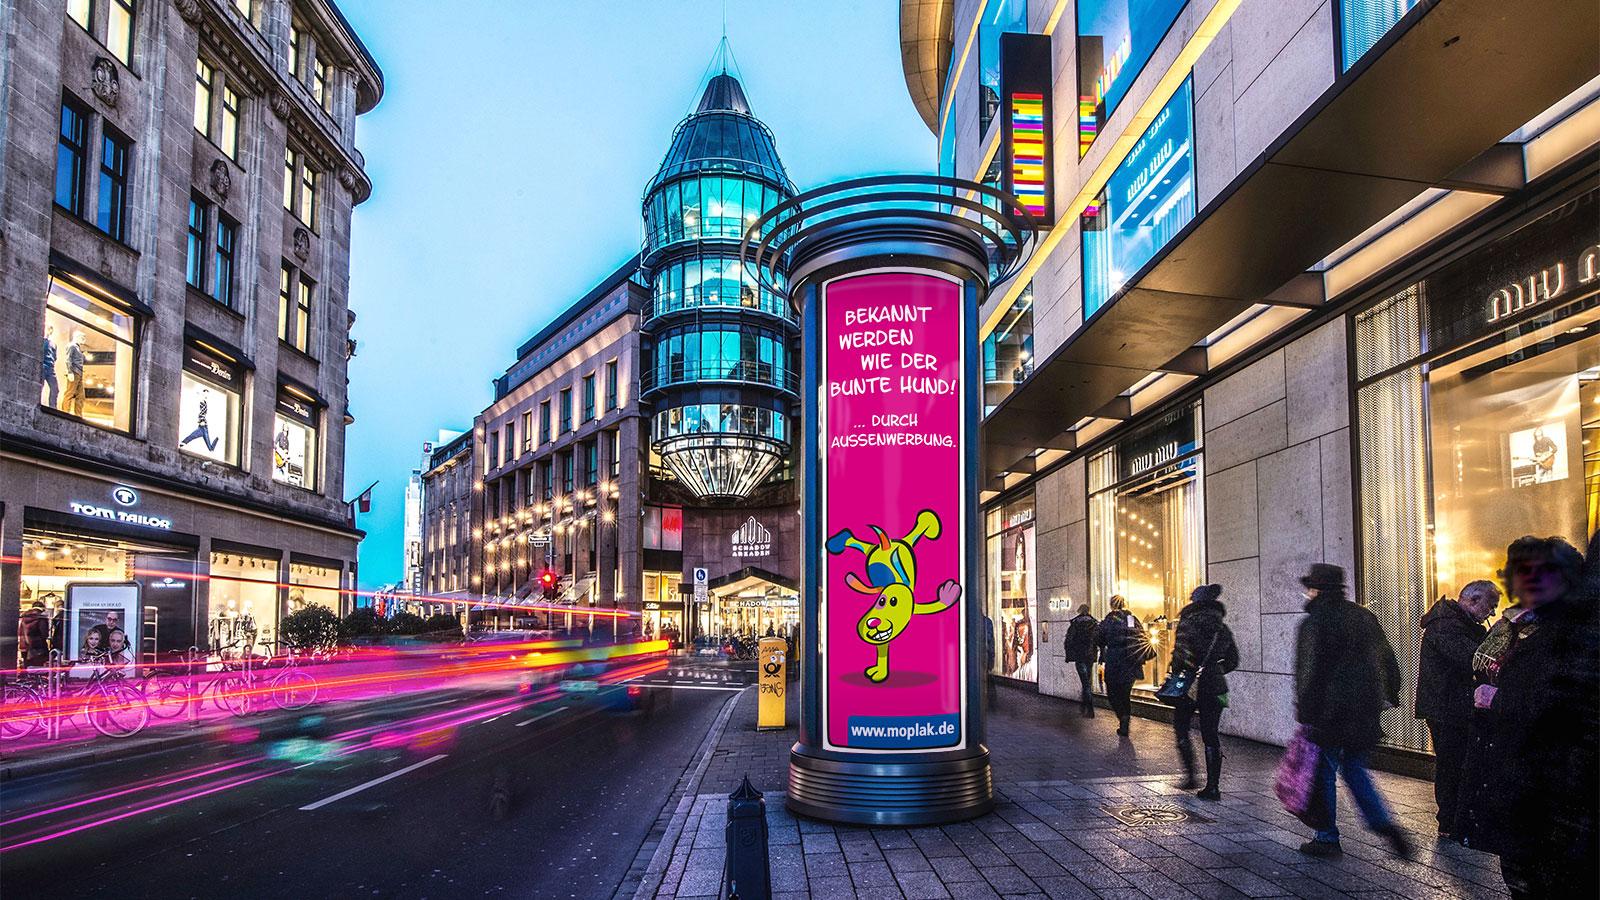 Braunschweig-Aussenwerbung-Litfasssaeule-Werbung